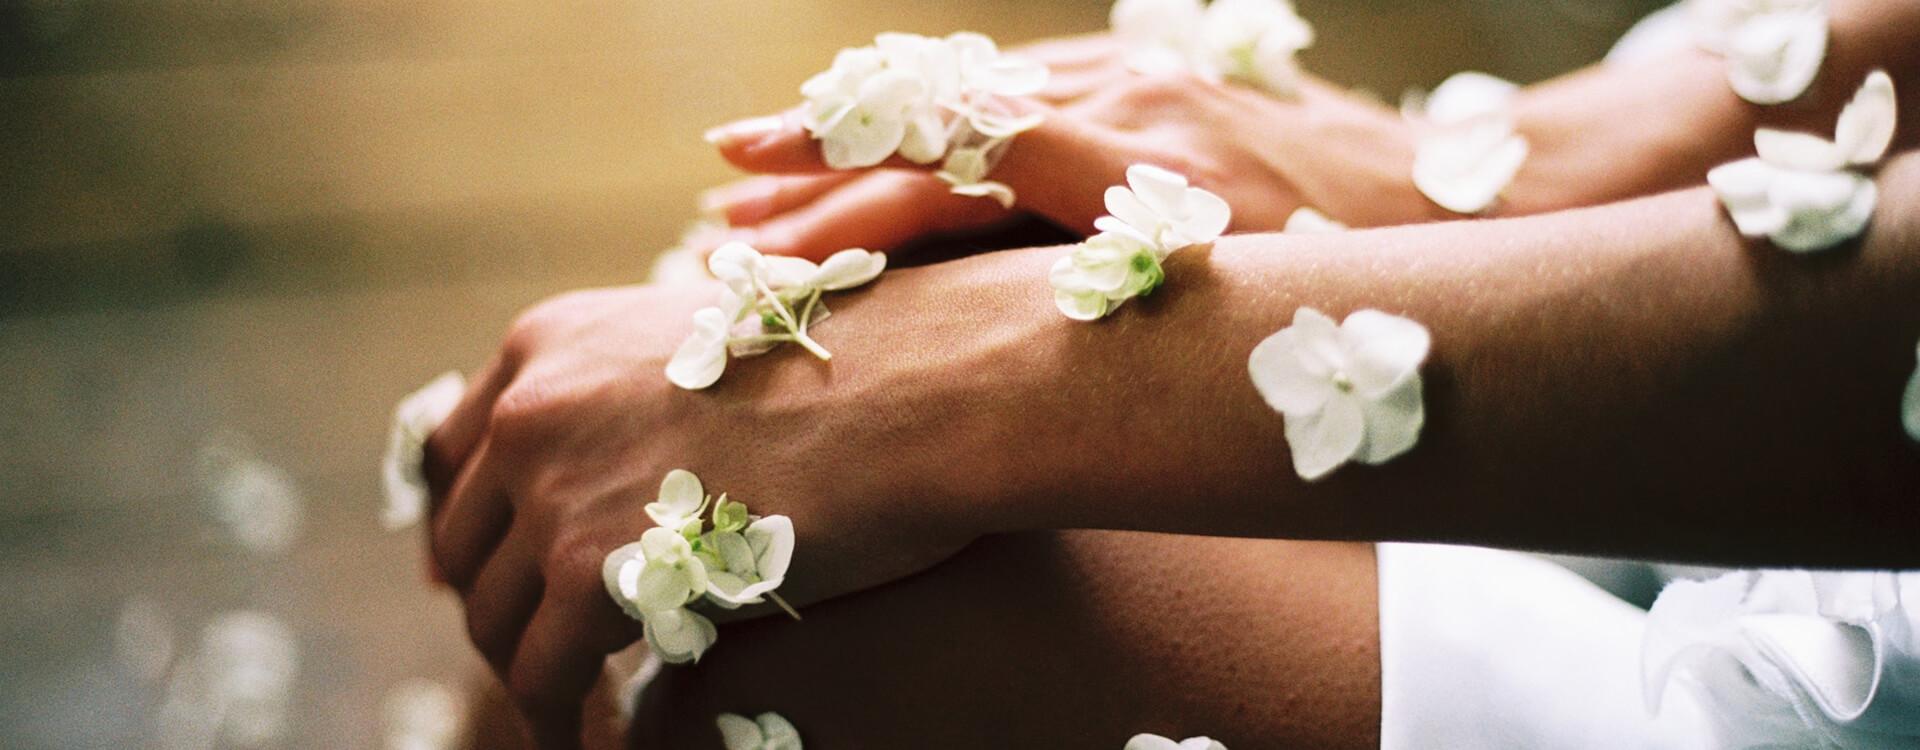 Ilustračný obrázok - zdravá pokožka: krásne ženské ruky a nohy pokryté jemnými kvietkami